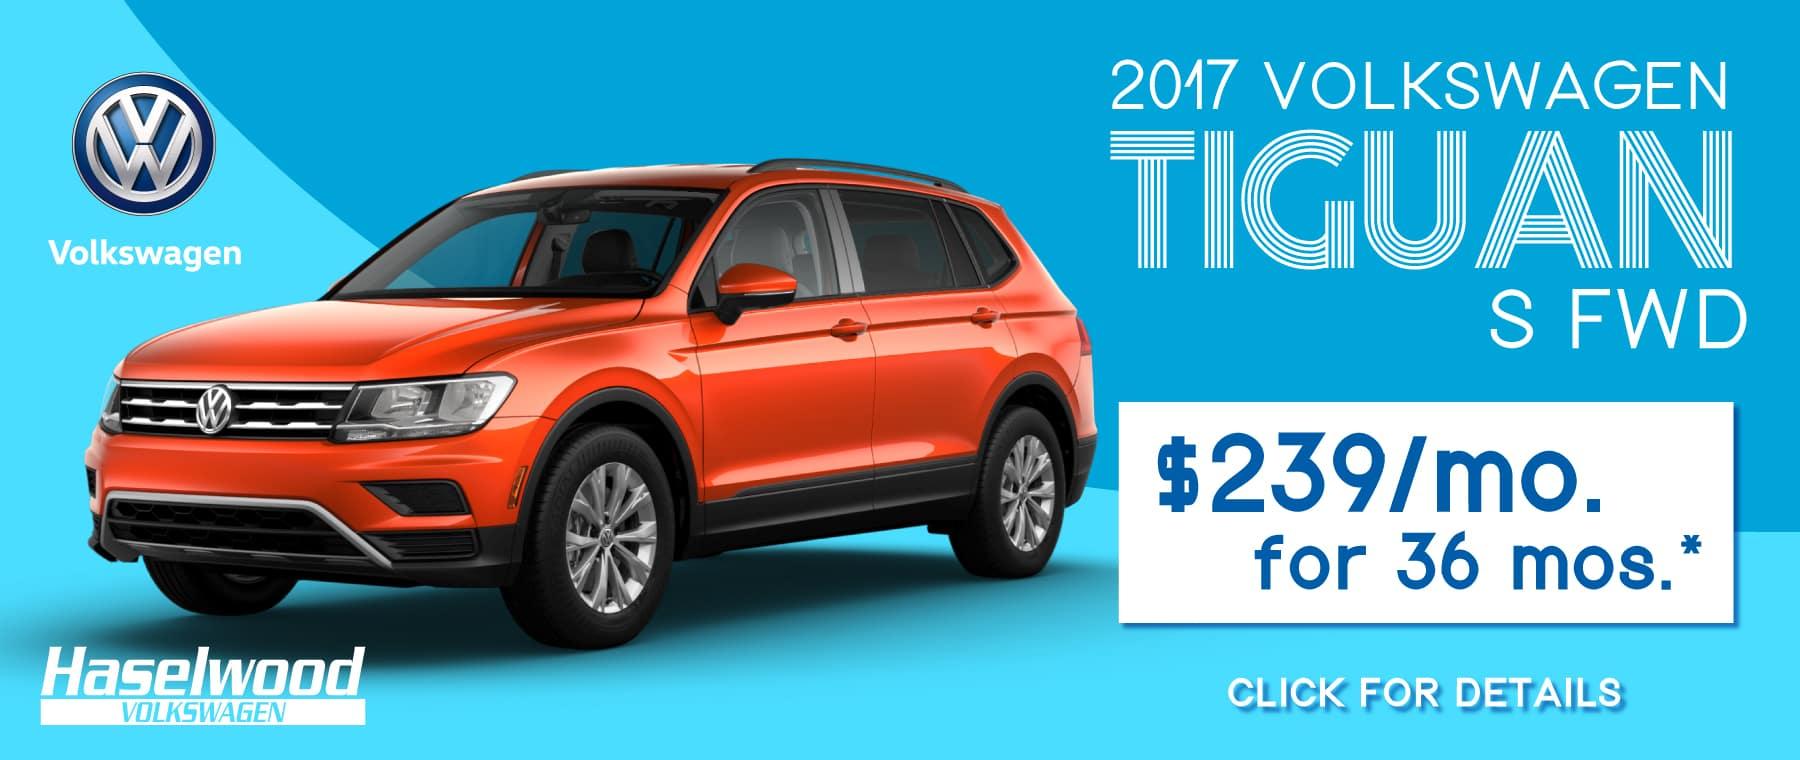 2017 Volkswagen Tiguan S AWD  $239/mo. For 36 mos.*